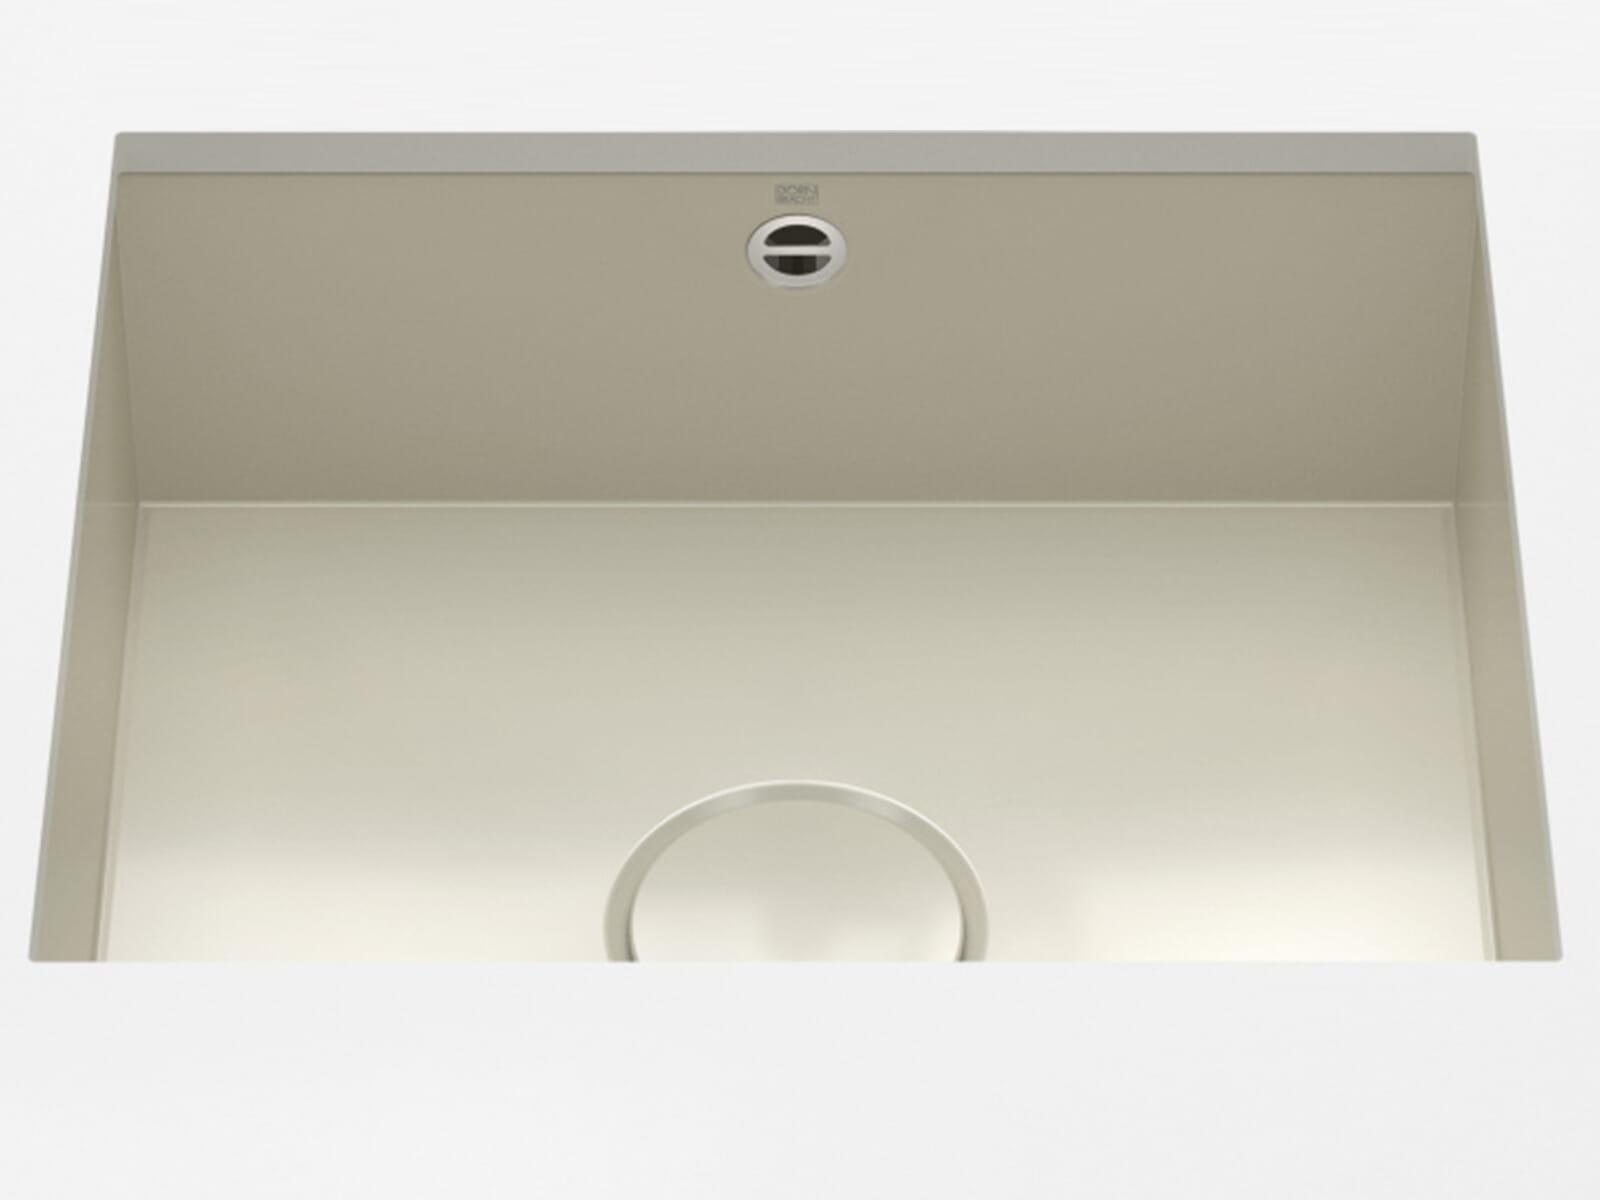 Dornbracht Unterbau-Spüle Glasierter Stahl Sand Glänzend 38500002-78